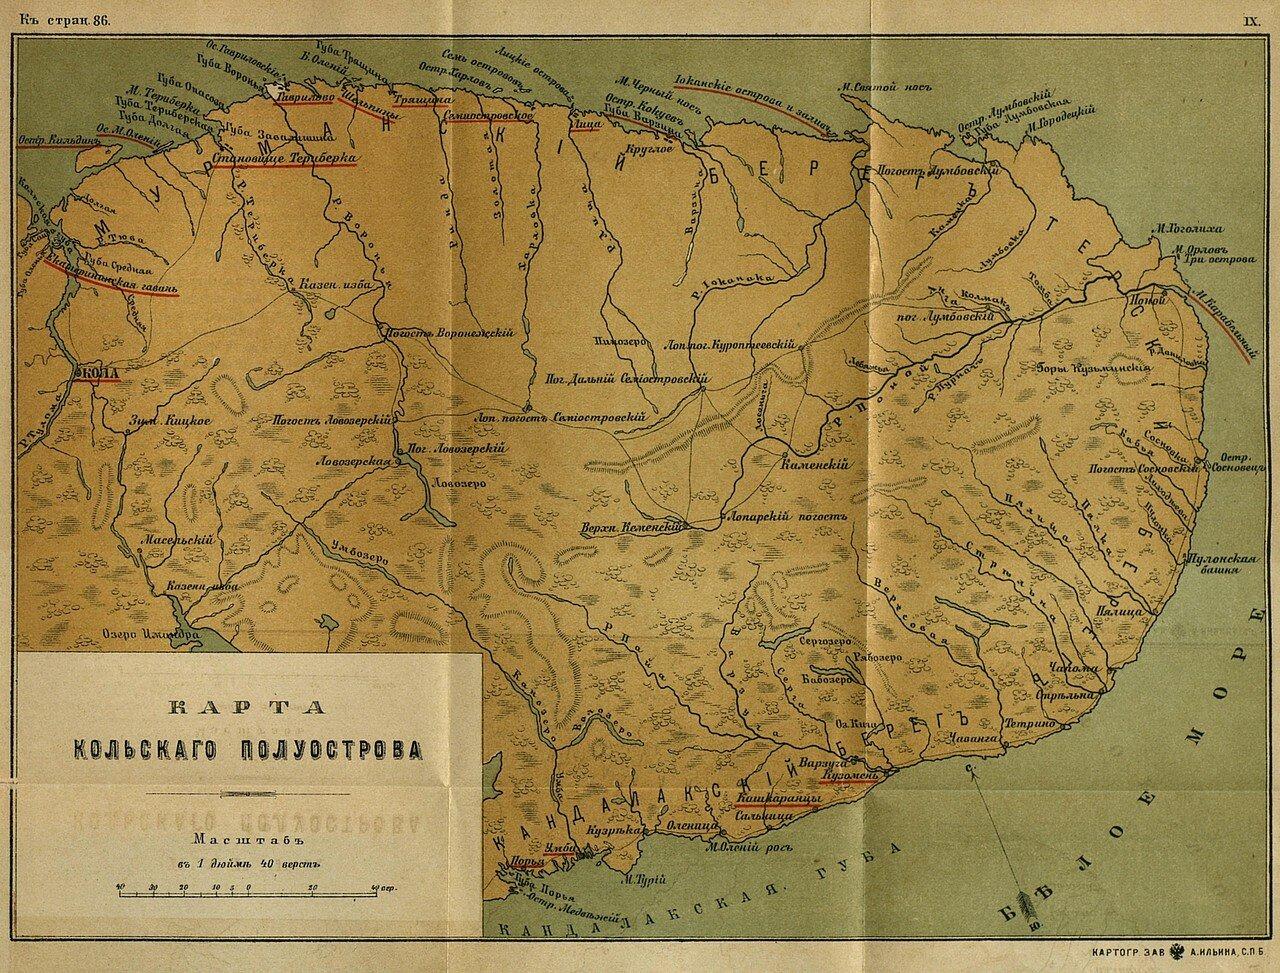 Кольский полуостров, 1899